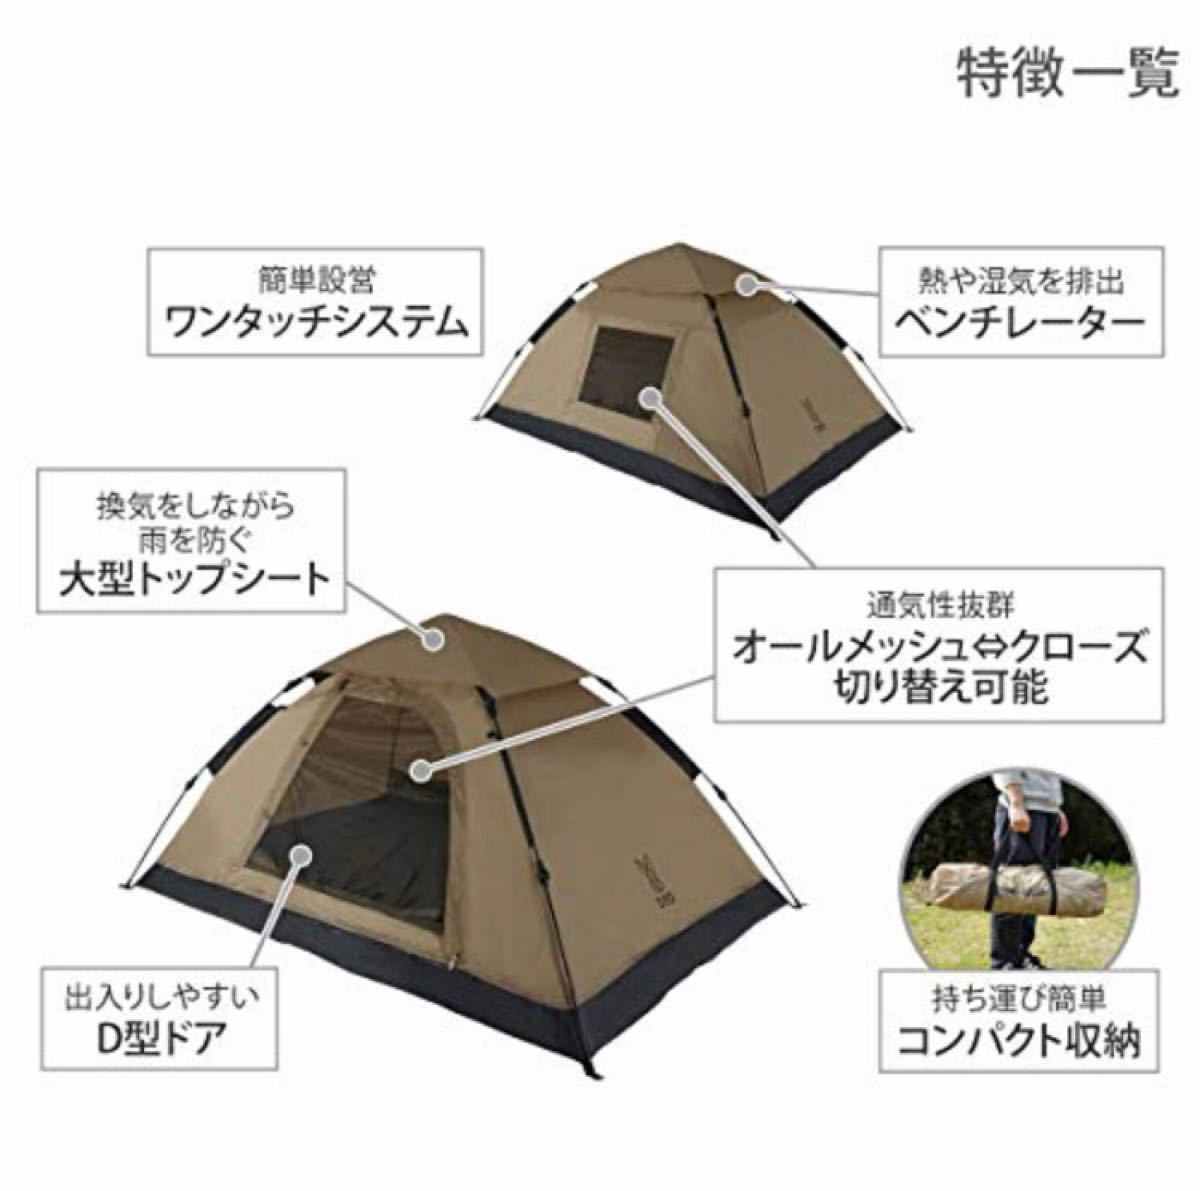 新品 DOD(ディーオーディー)  ワンタッチテント タン  T2-629-TN キャンプ テント 2人 アウトドア 災害